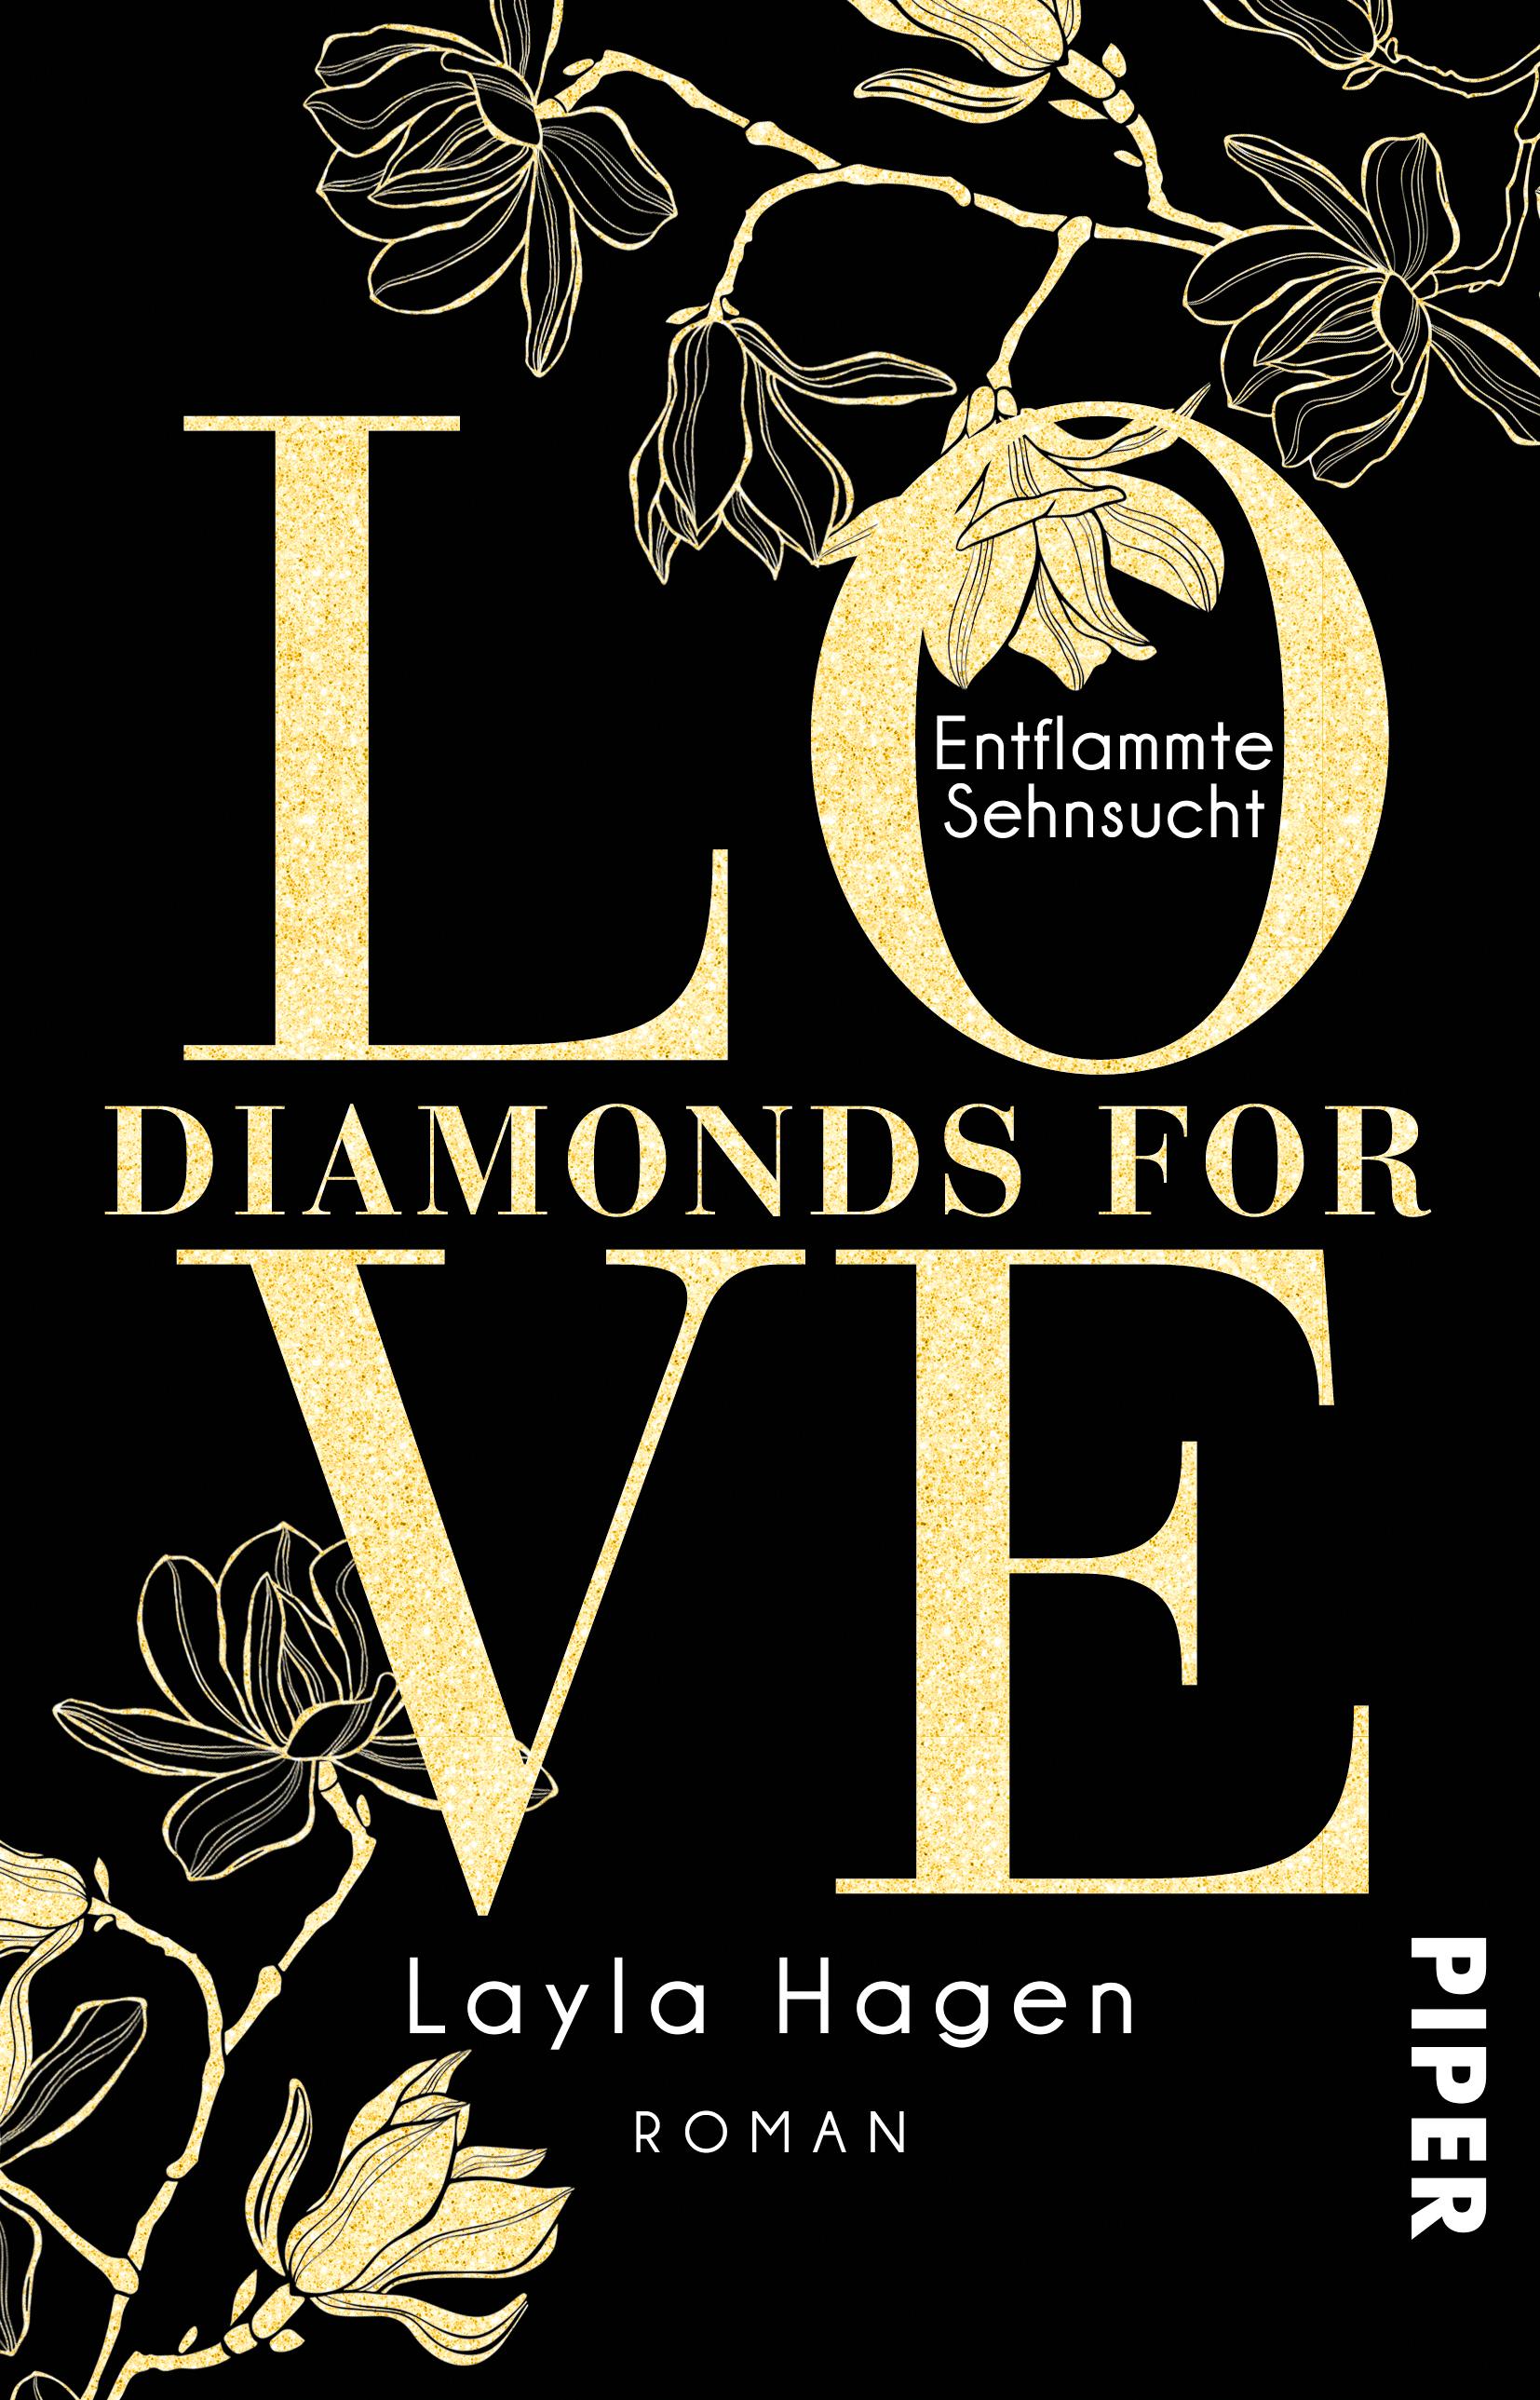 Diamonds for Love – Entflammte Sehnsucht